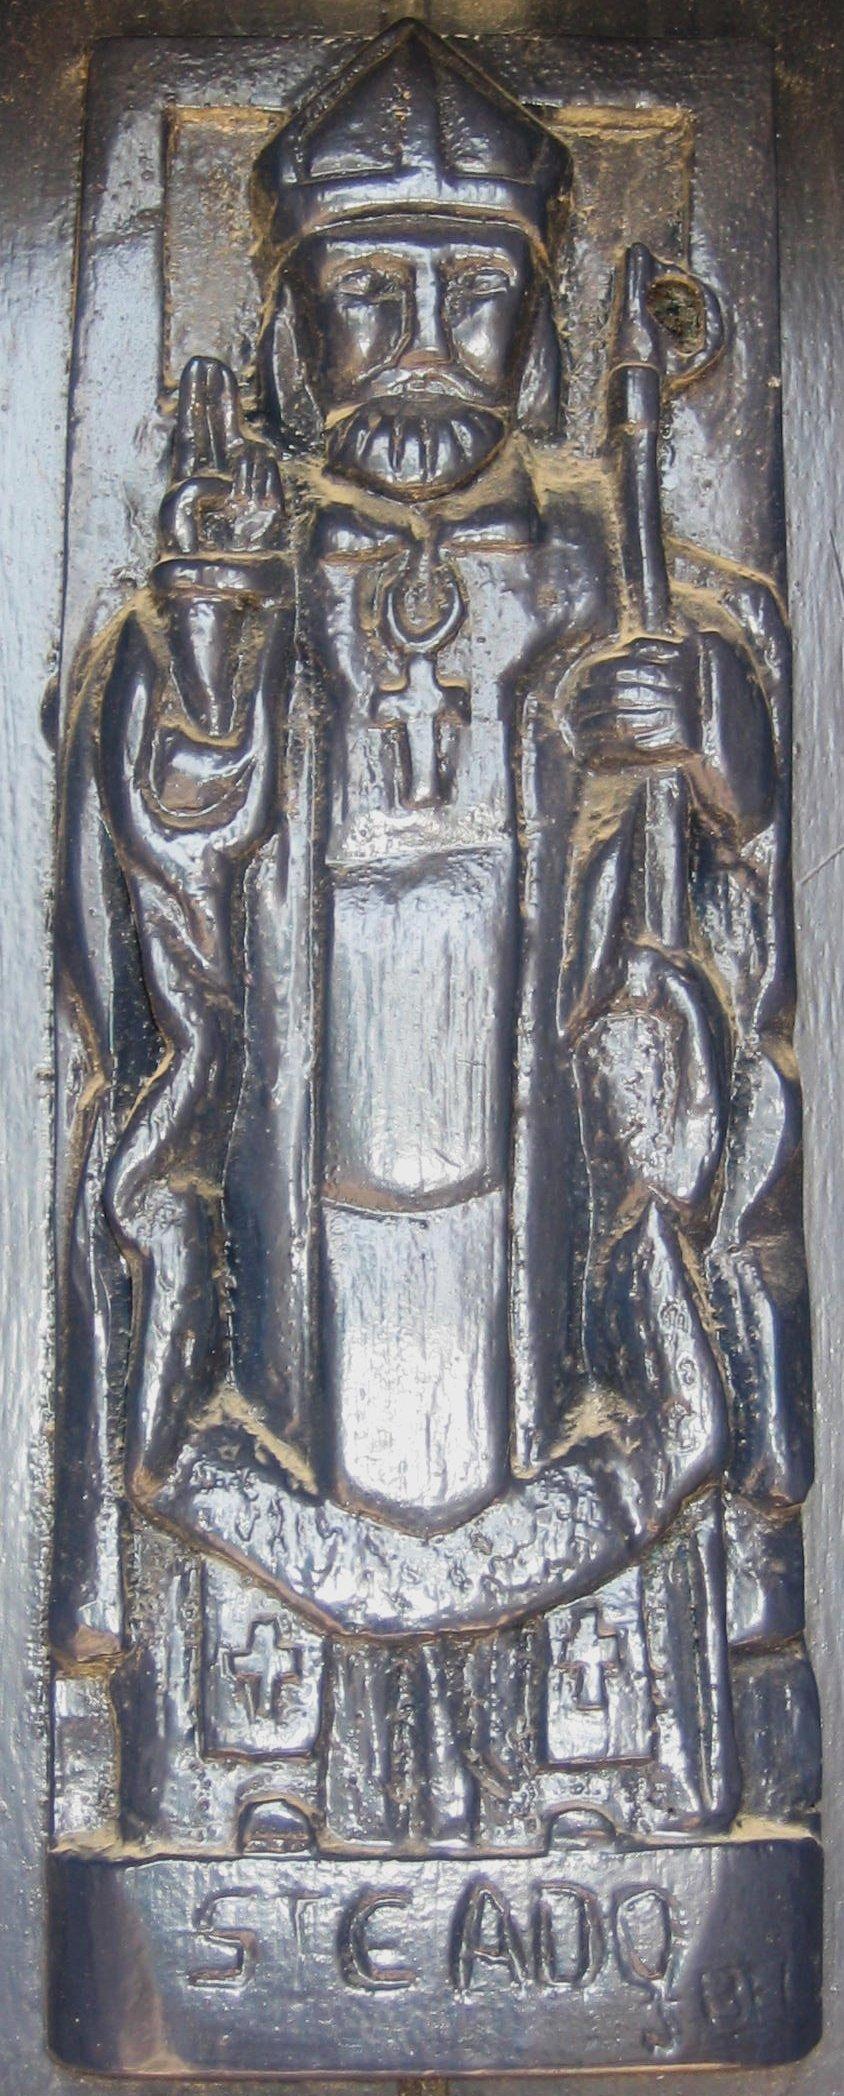 Den hellige Cadoc, skulptur på øya Saint-Cado i elven Étel i Morbihan i Bretagne